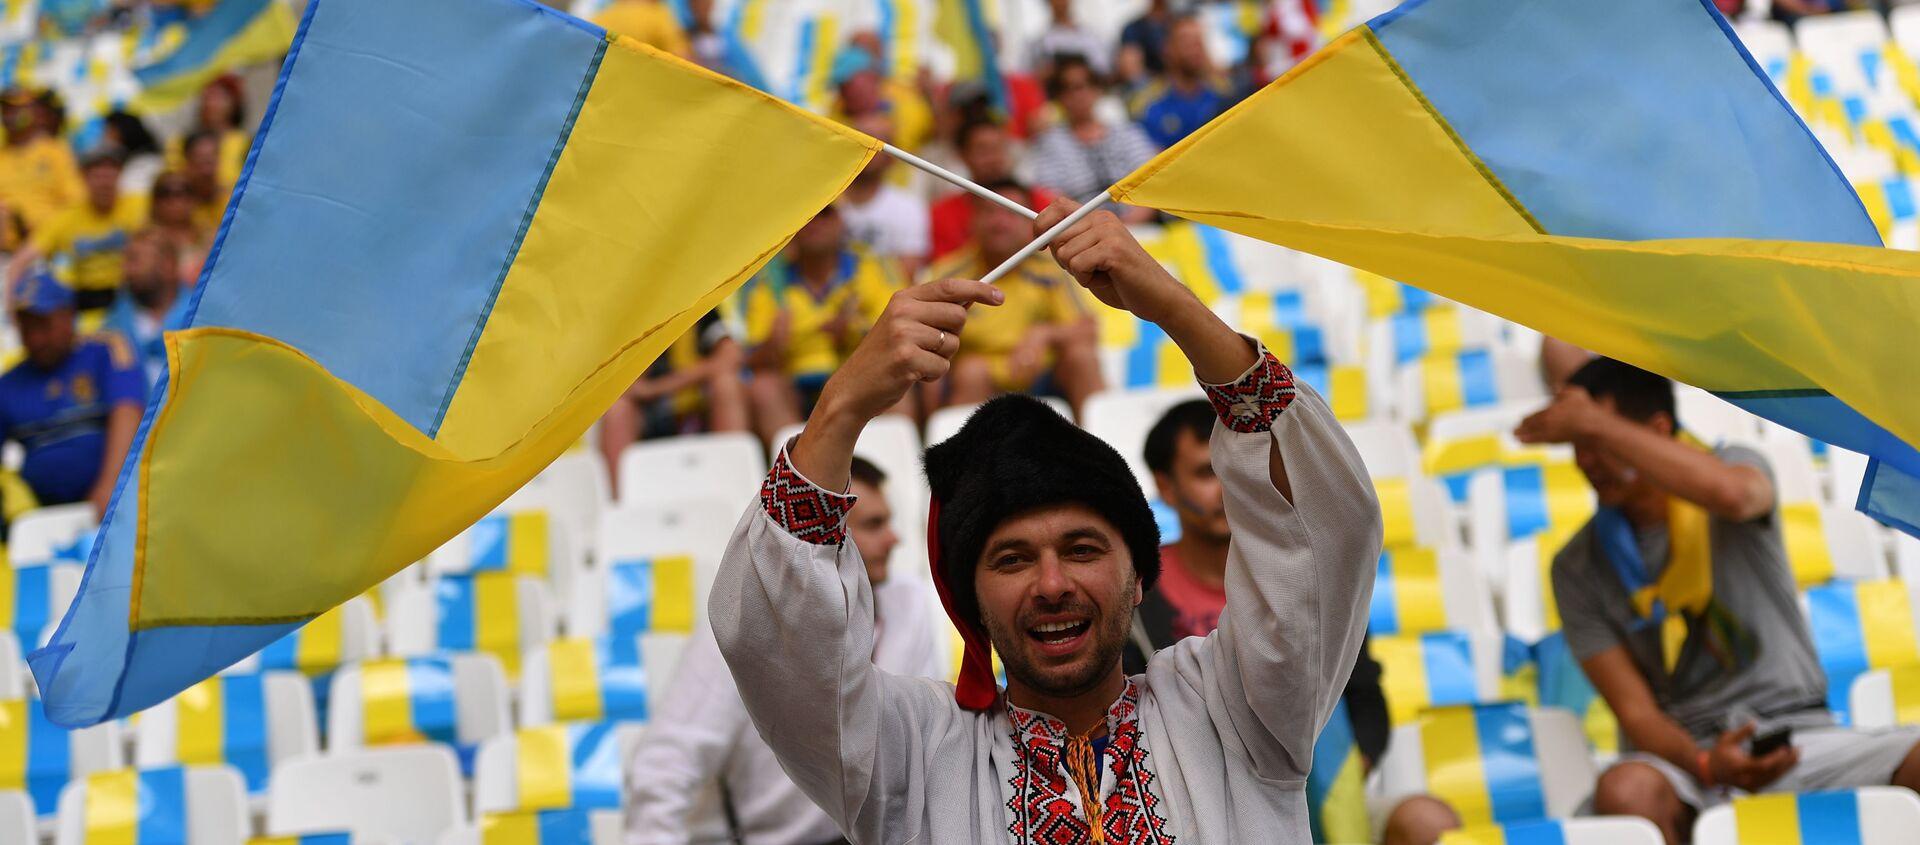 Ukrajinski fudbalski navijač sa zastavama Ukrajine - Sputnik Srbija, 1920, 07.06.2021